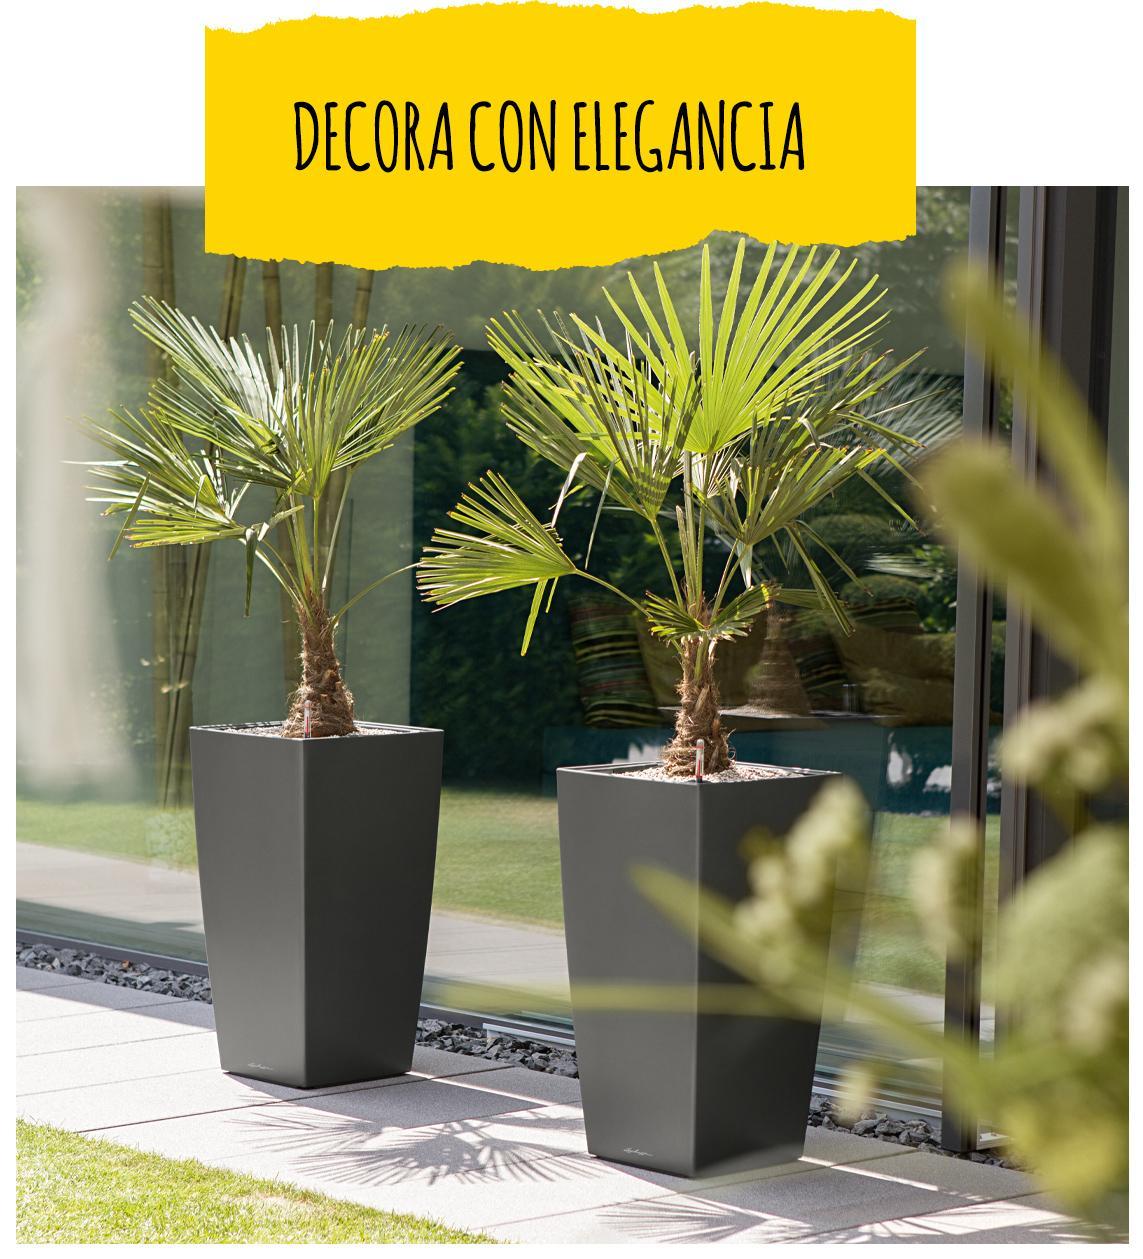 Dos CUBICO Premium de color antracita con una palmera cada una se encuentran al aire libre frente a un ventanal grande.